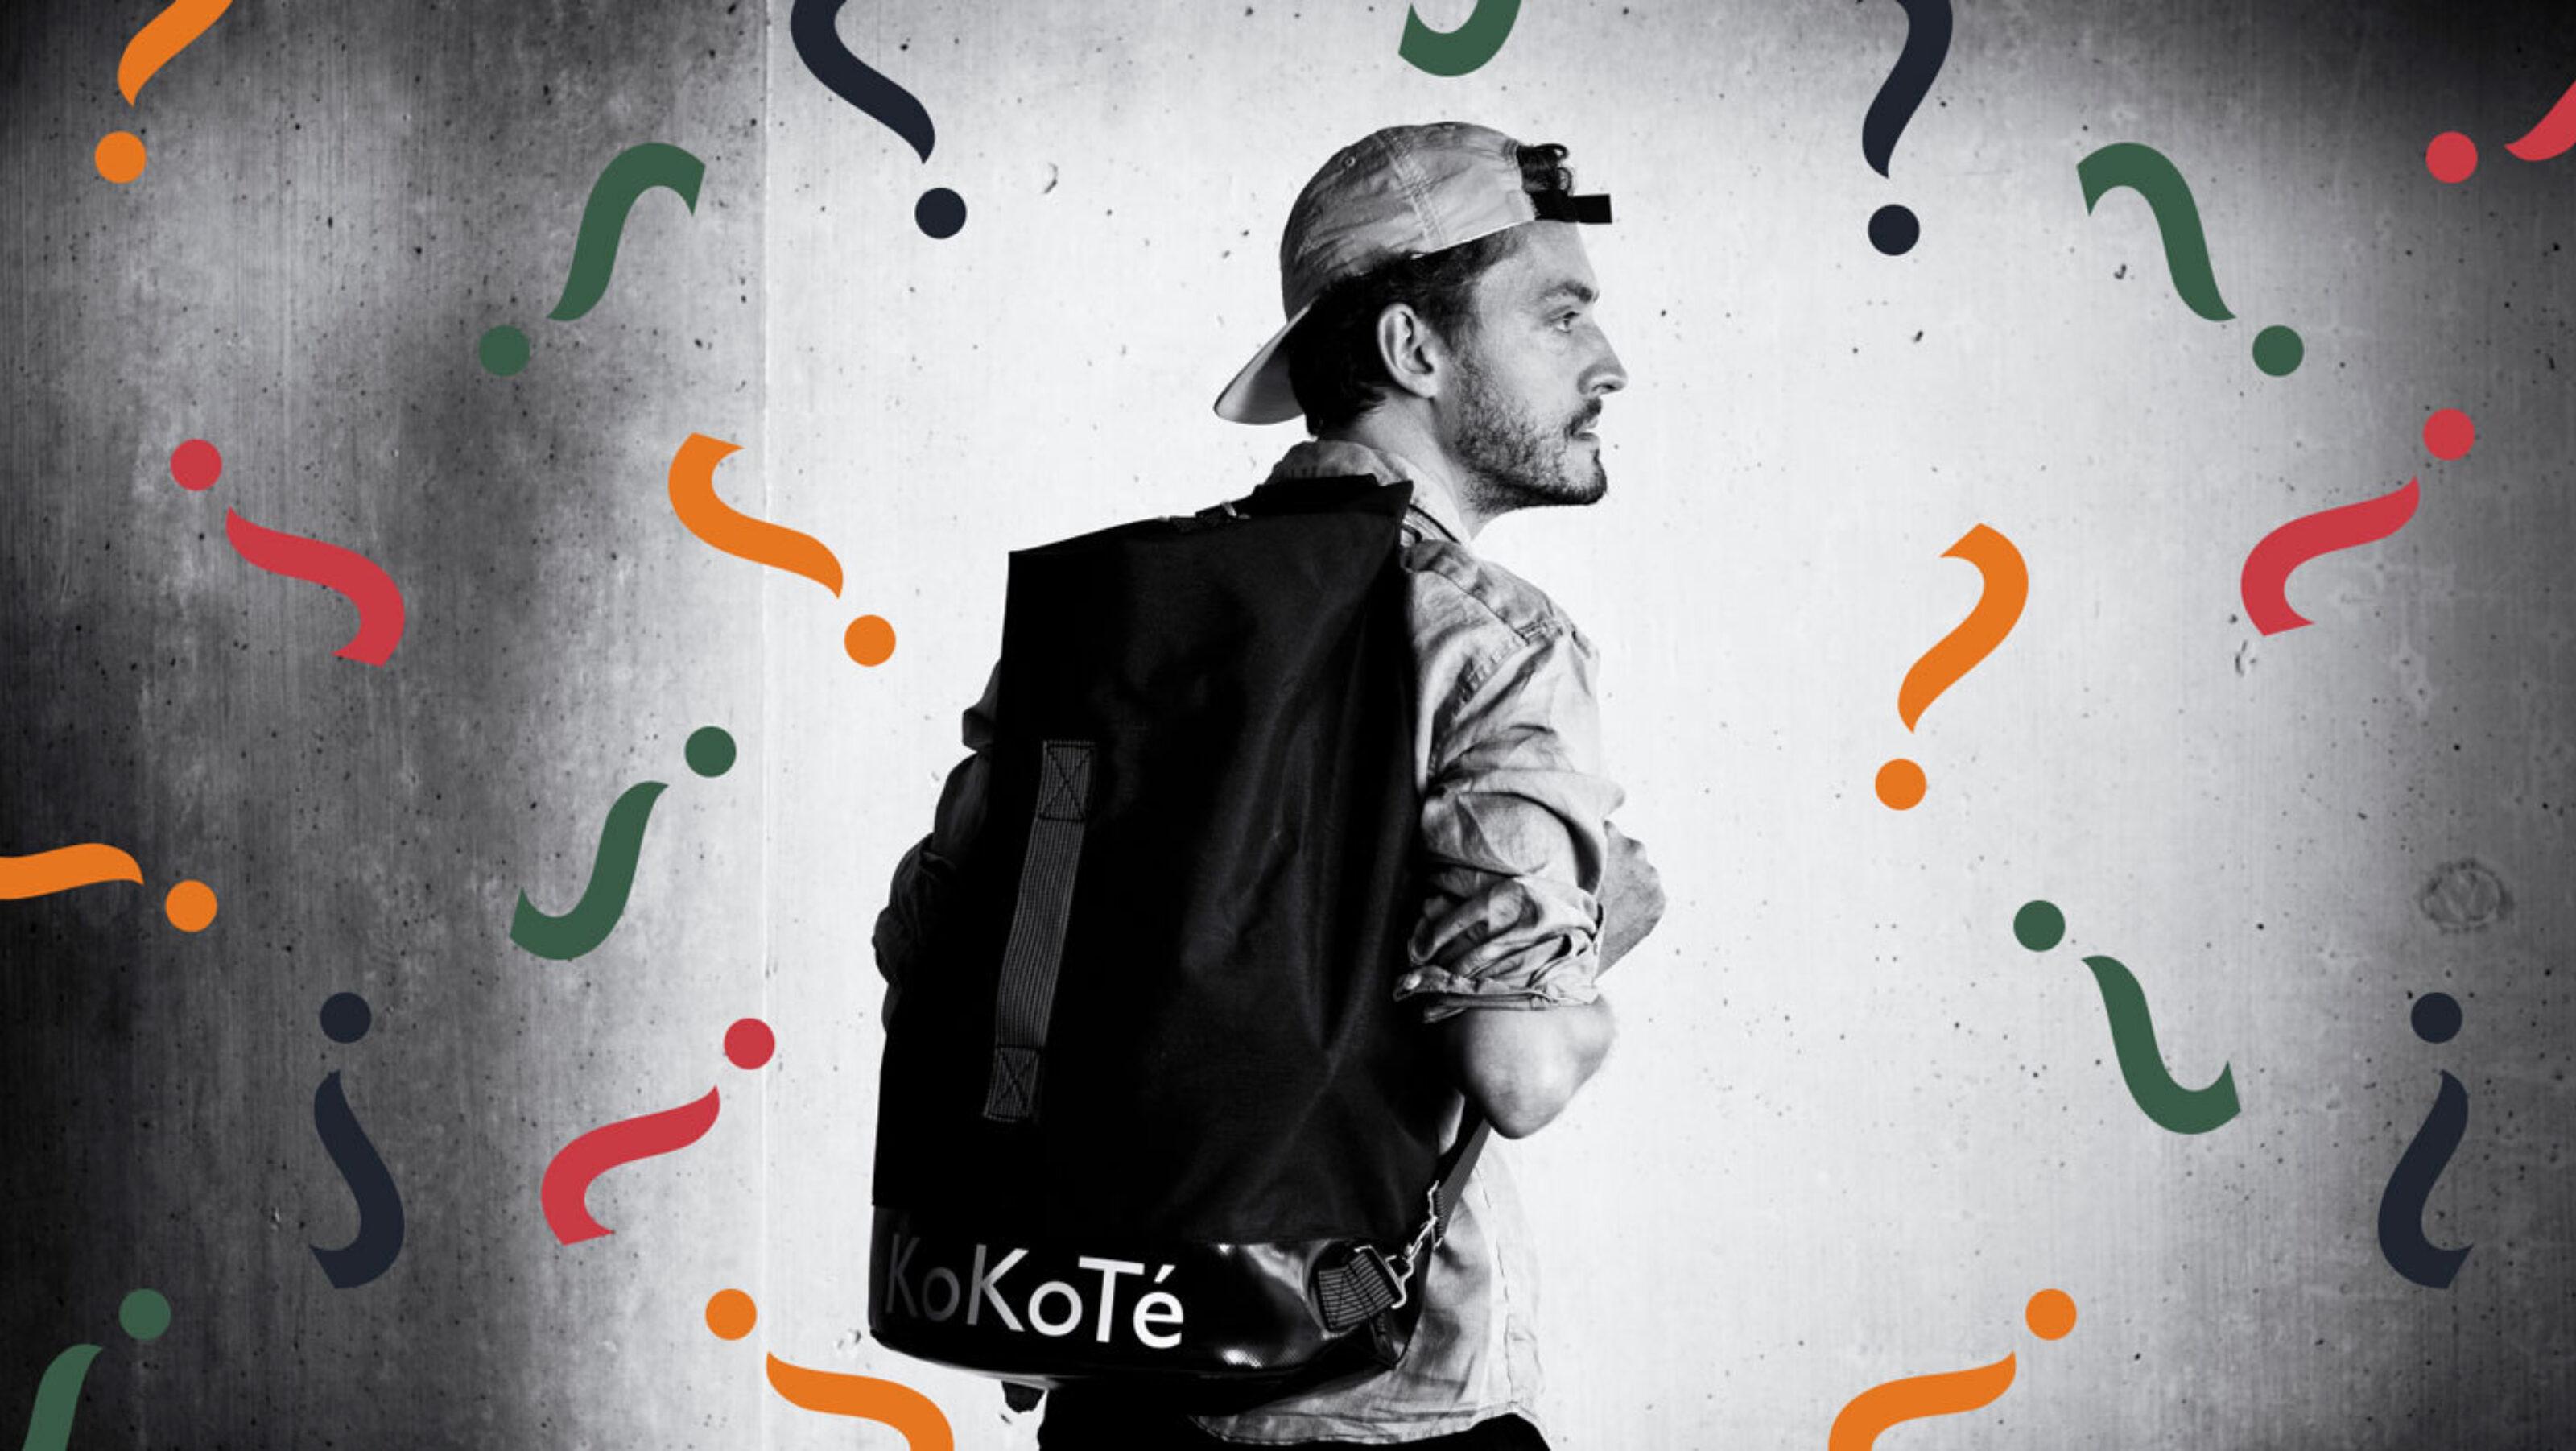 Ko Ko Te Botschafter 1 2 Tasche